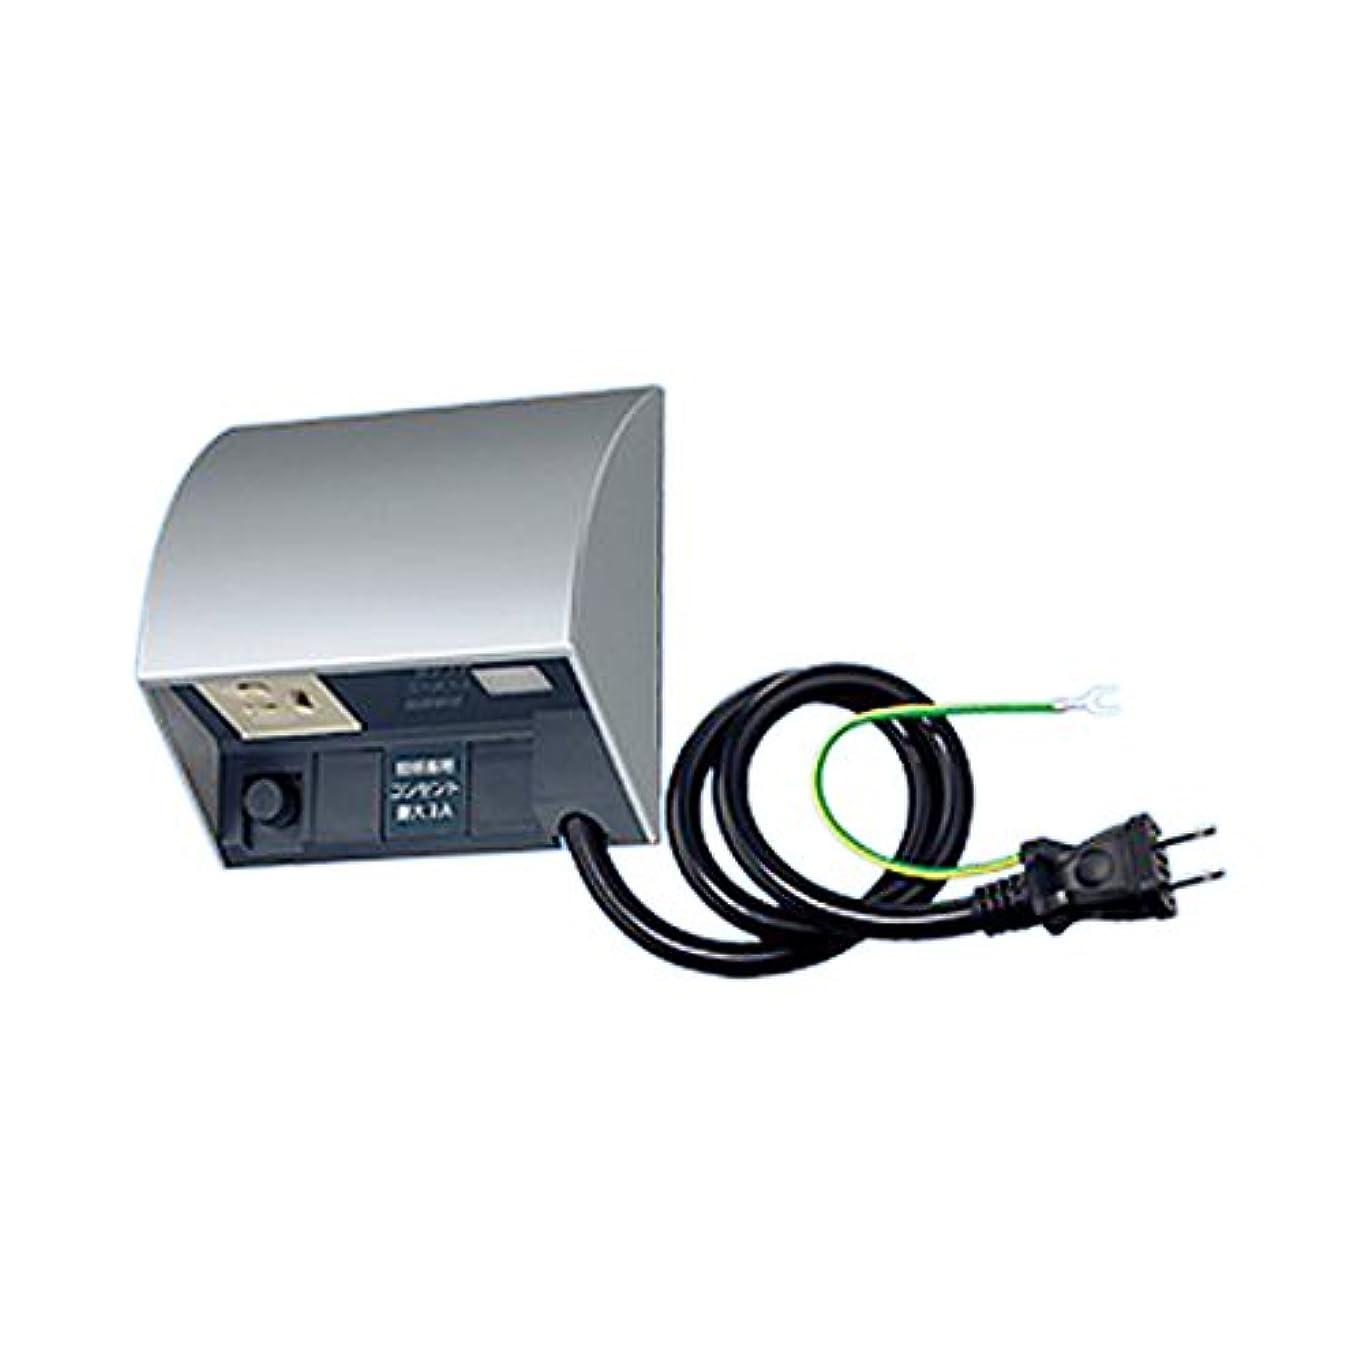 韓国語特殊オークパナソニック(Panasonic) スマート電子EEスイッチ付フル接地防水コンセント 0.5Mコード付 ホワイトシルバー EE45534S